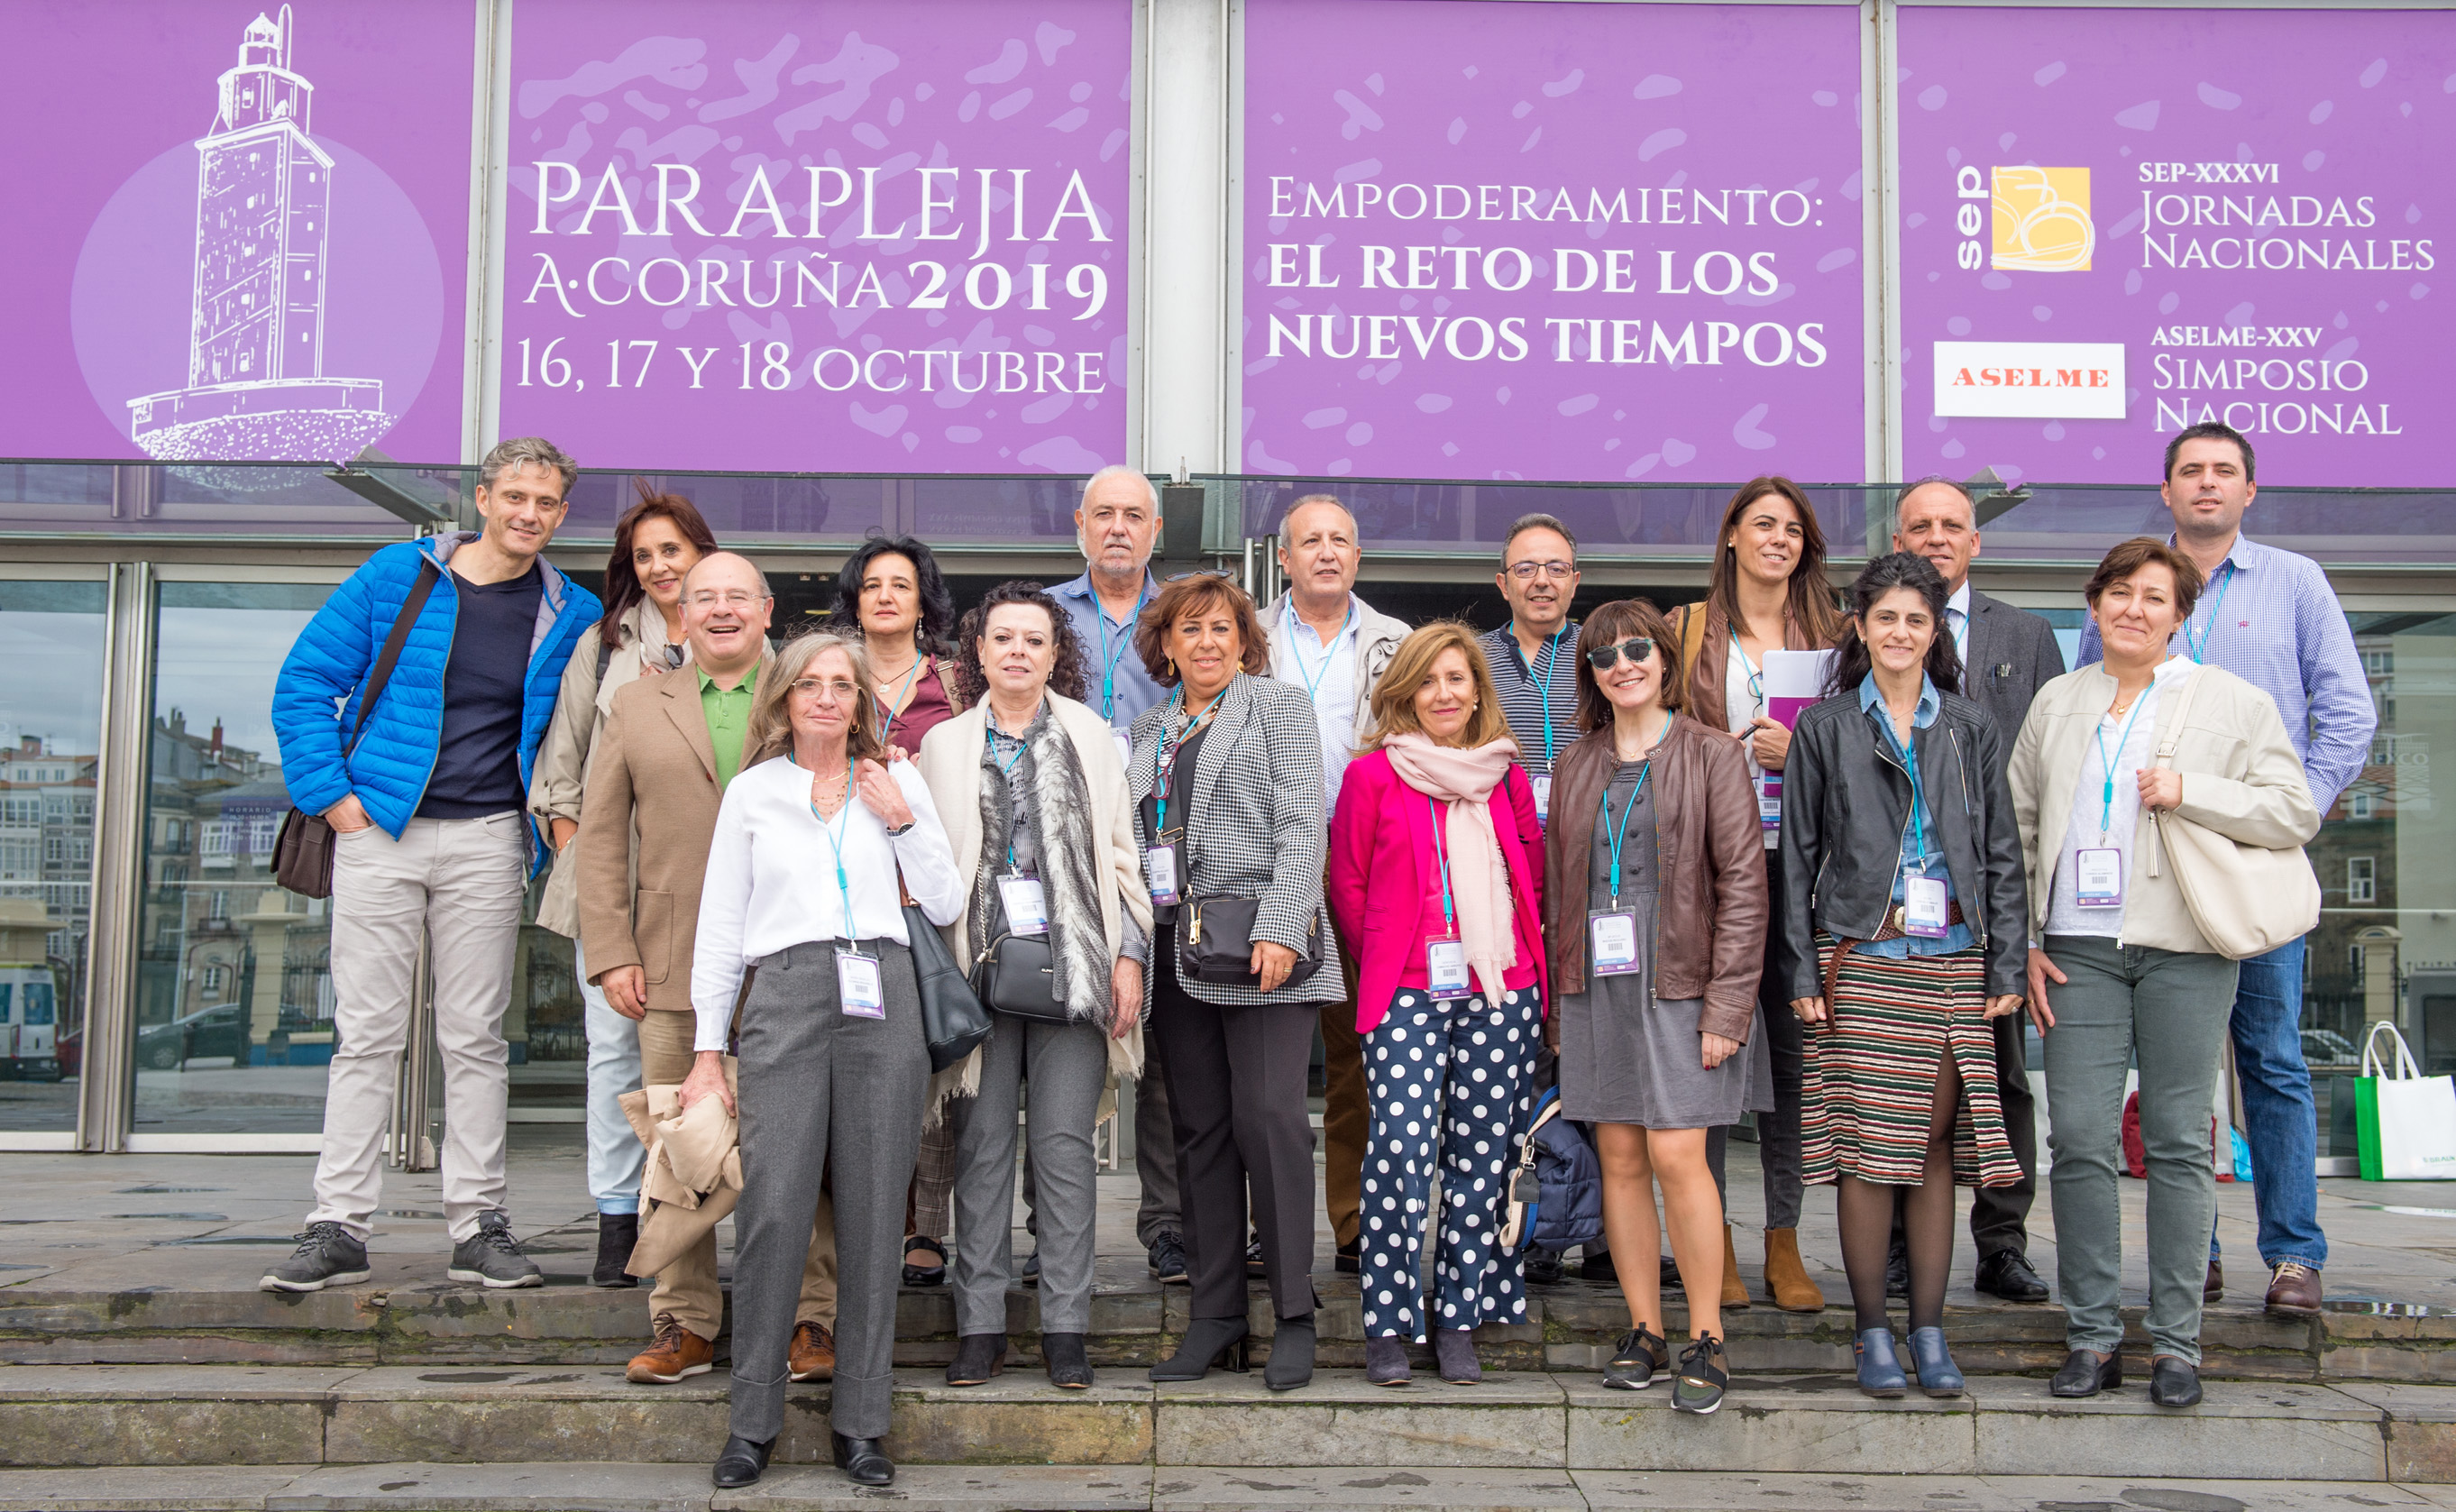 Grupo de profesionales del HNP en el Congreso Paraplejia 2019 en A Coruña